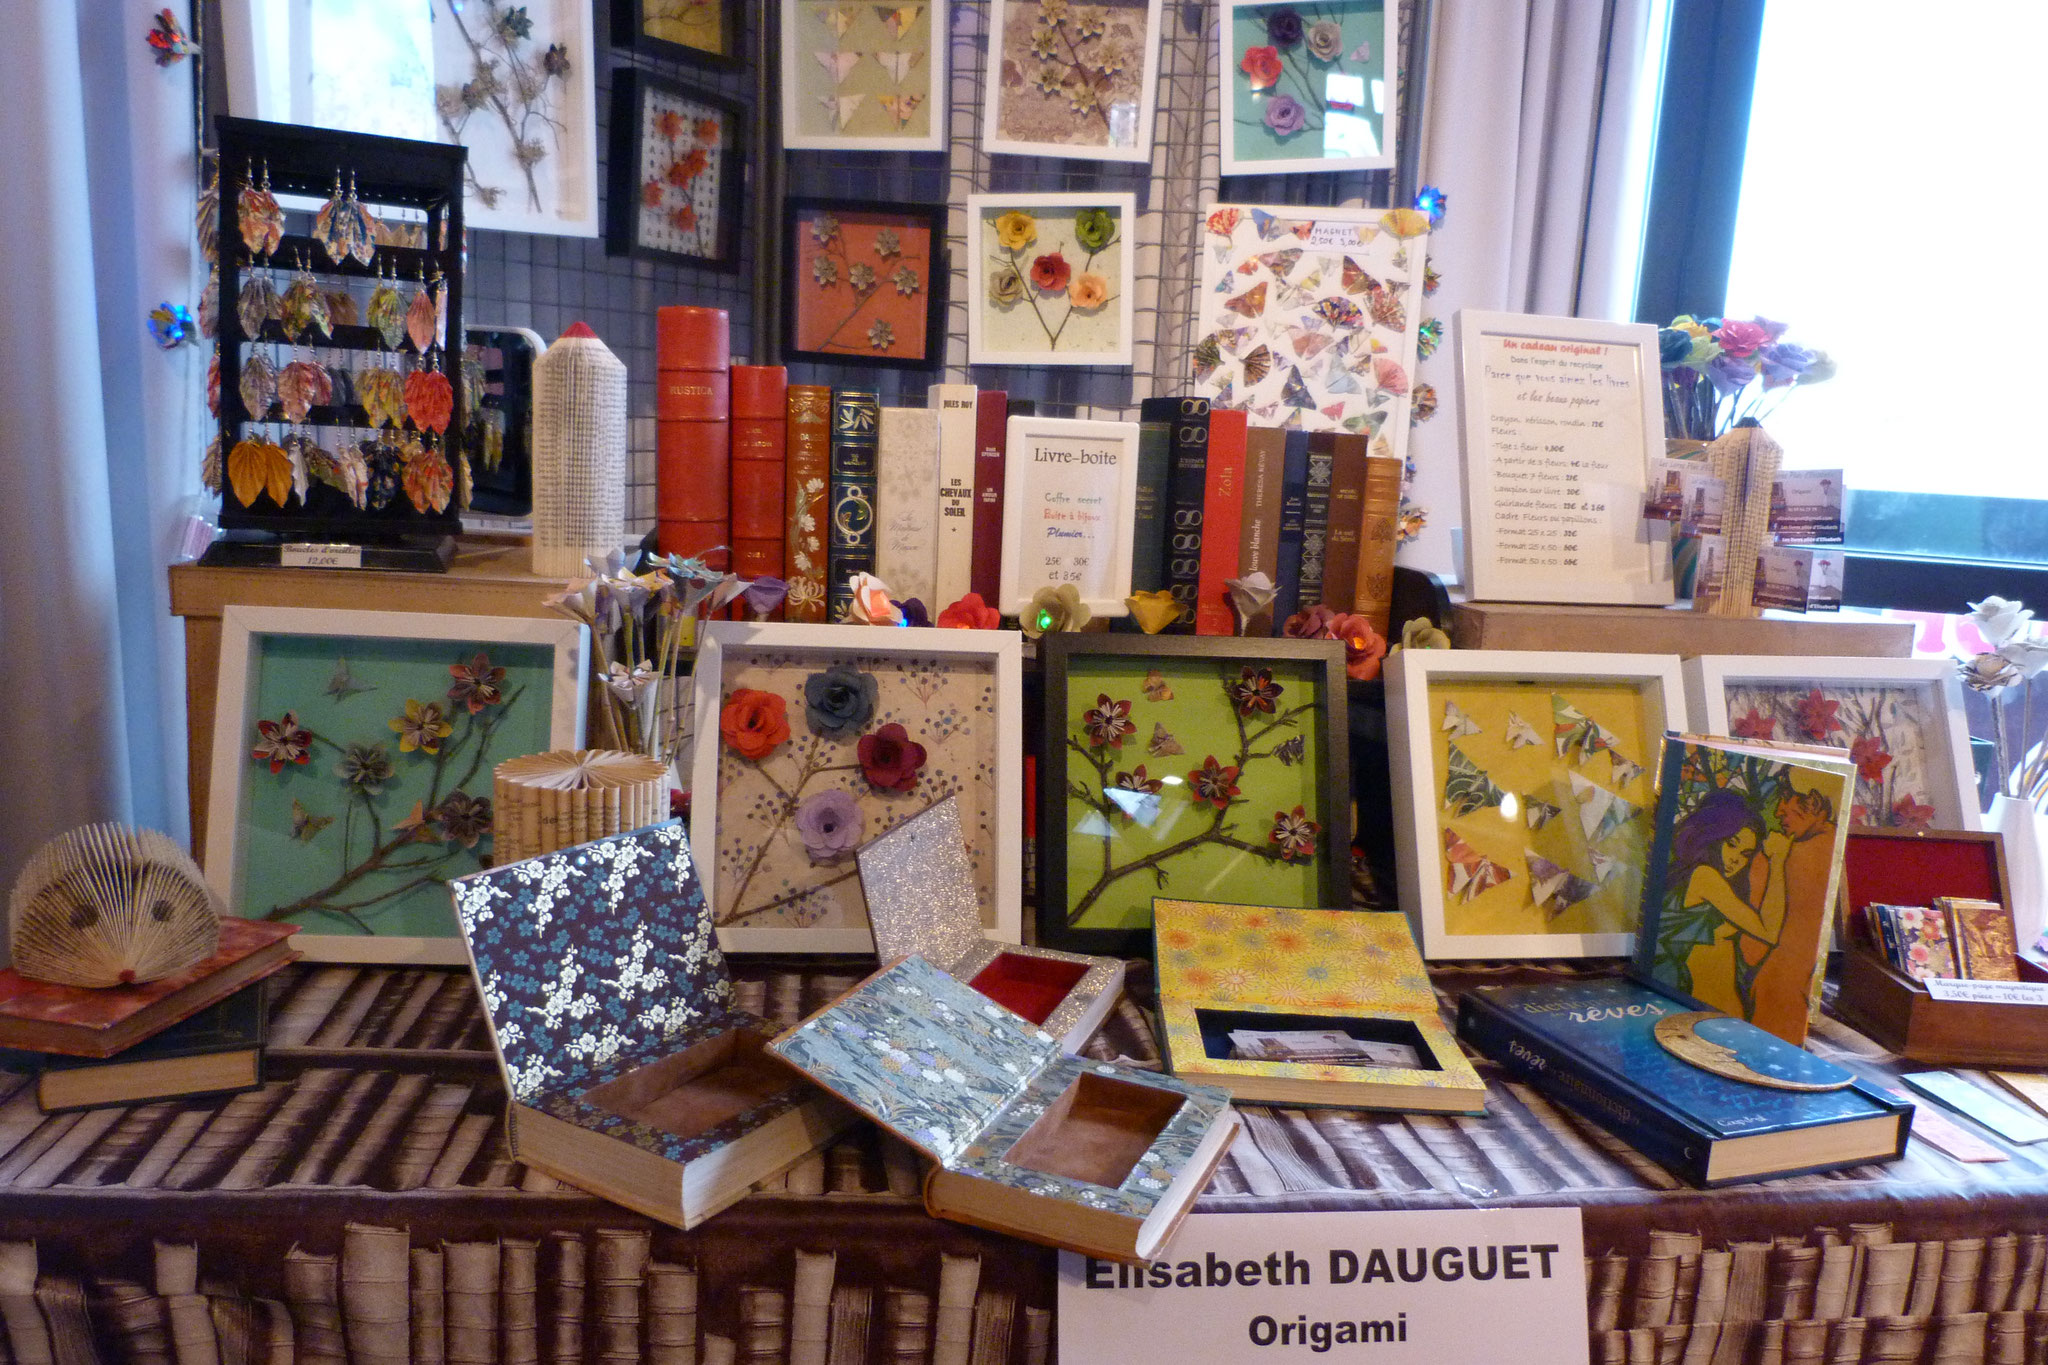 stand d'Elisabeth Dauguet ses cadres et ses origamis sur livres